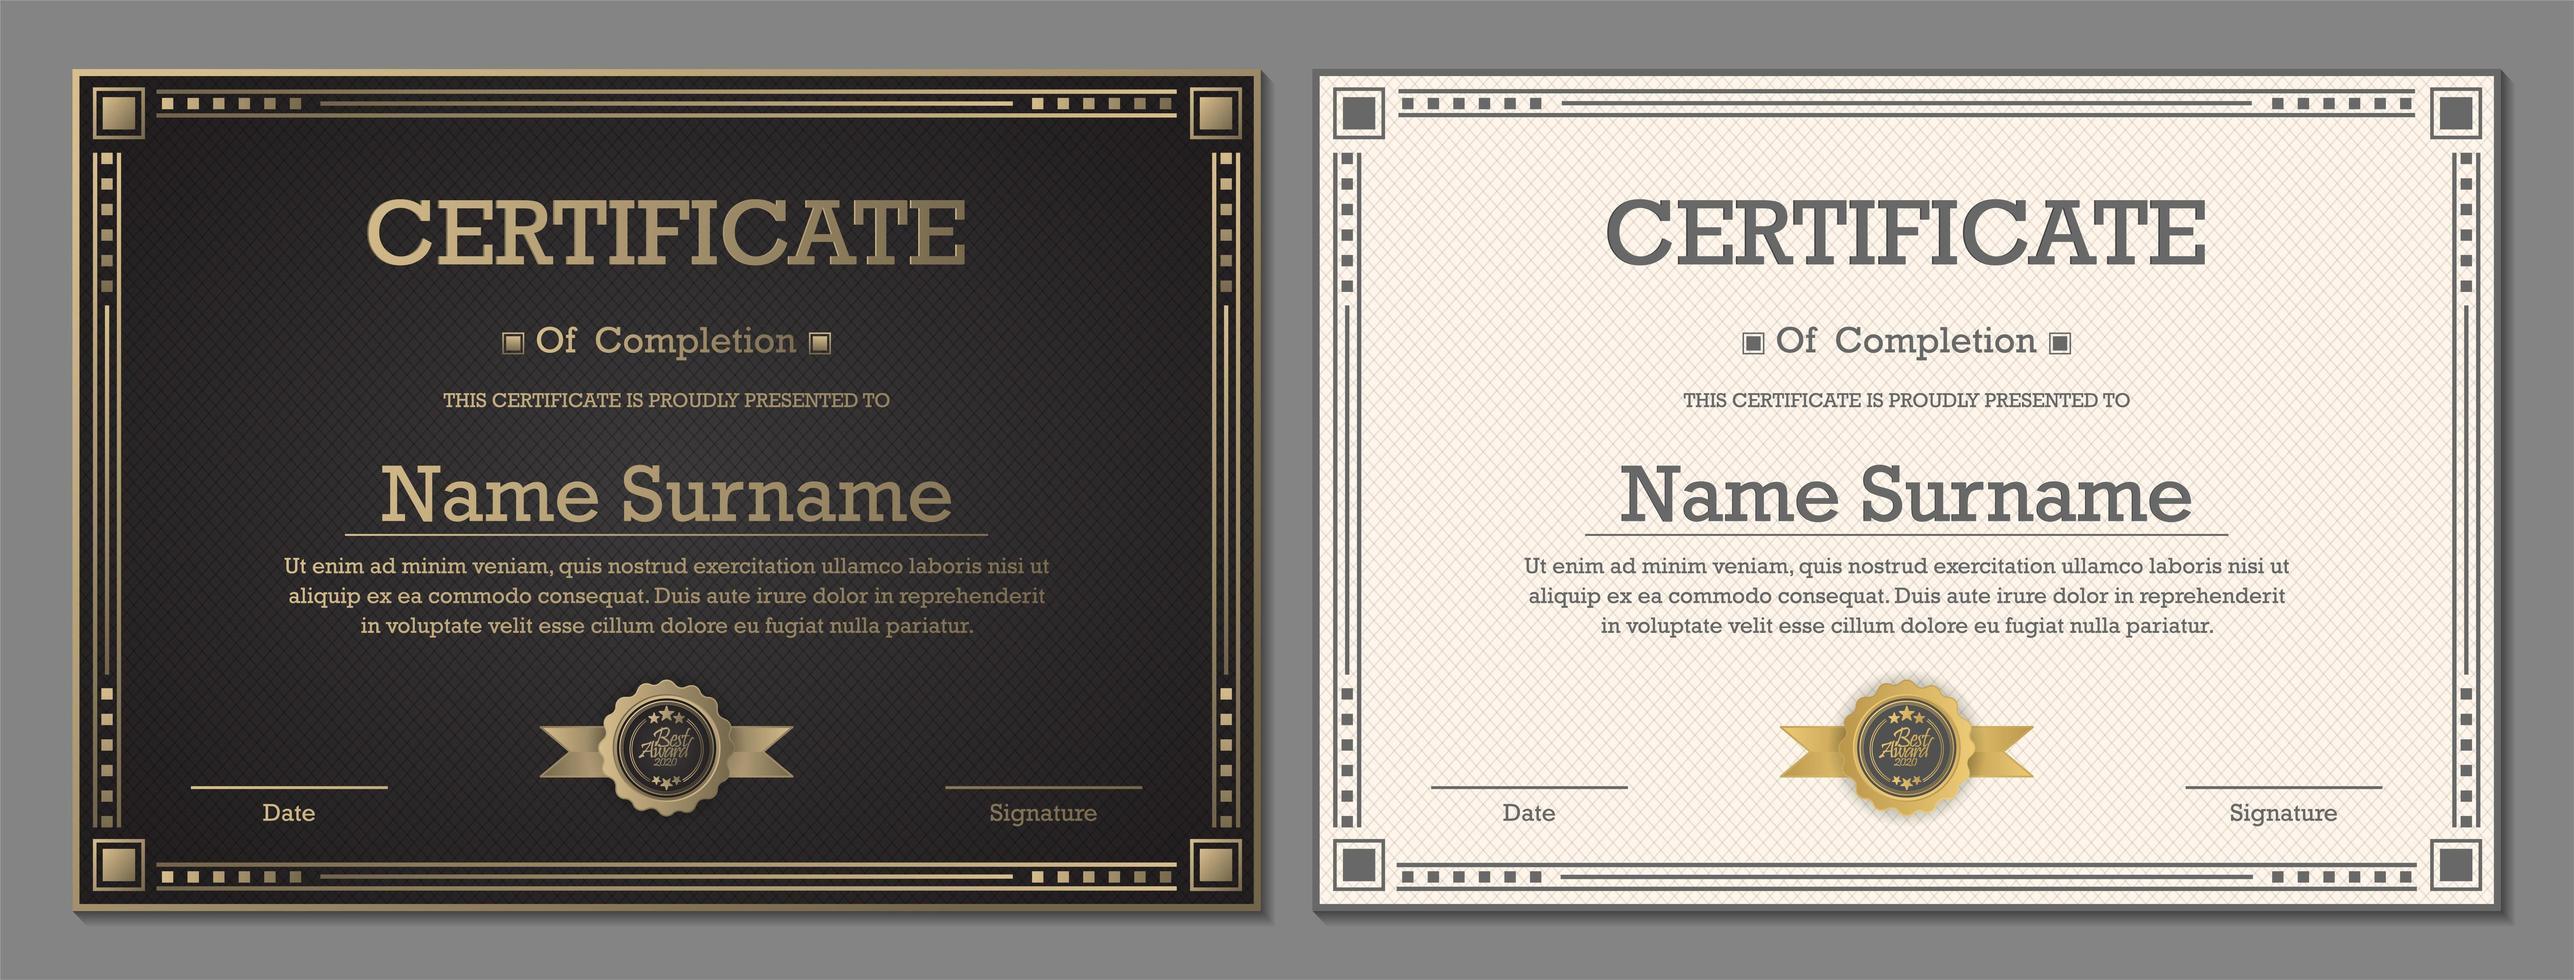 certificats de luxe en noir et blanc vecteur